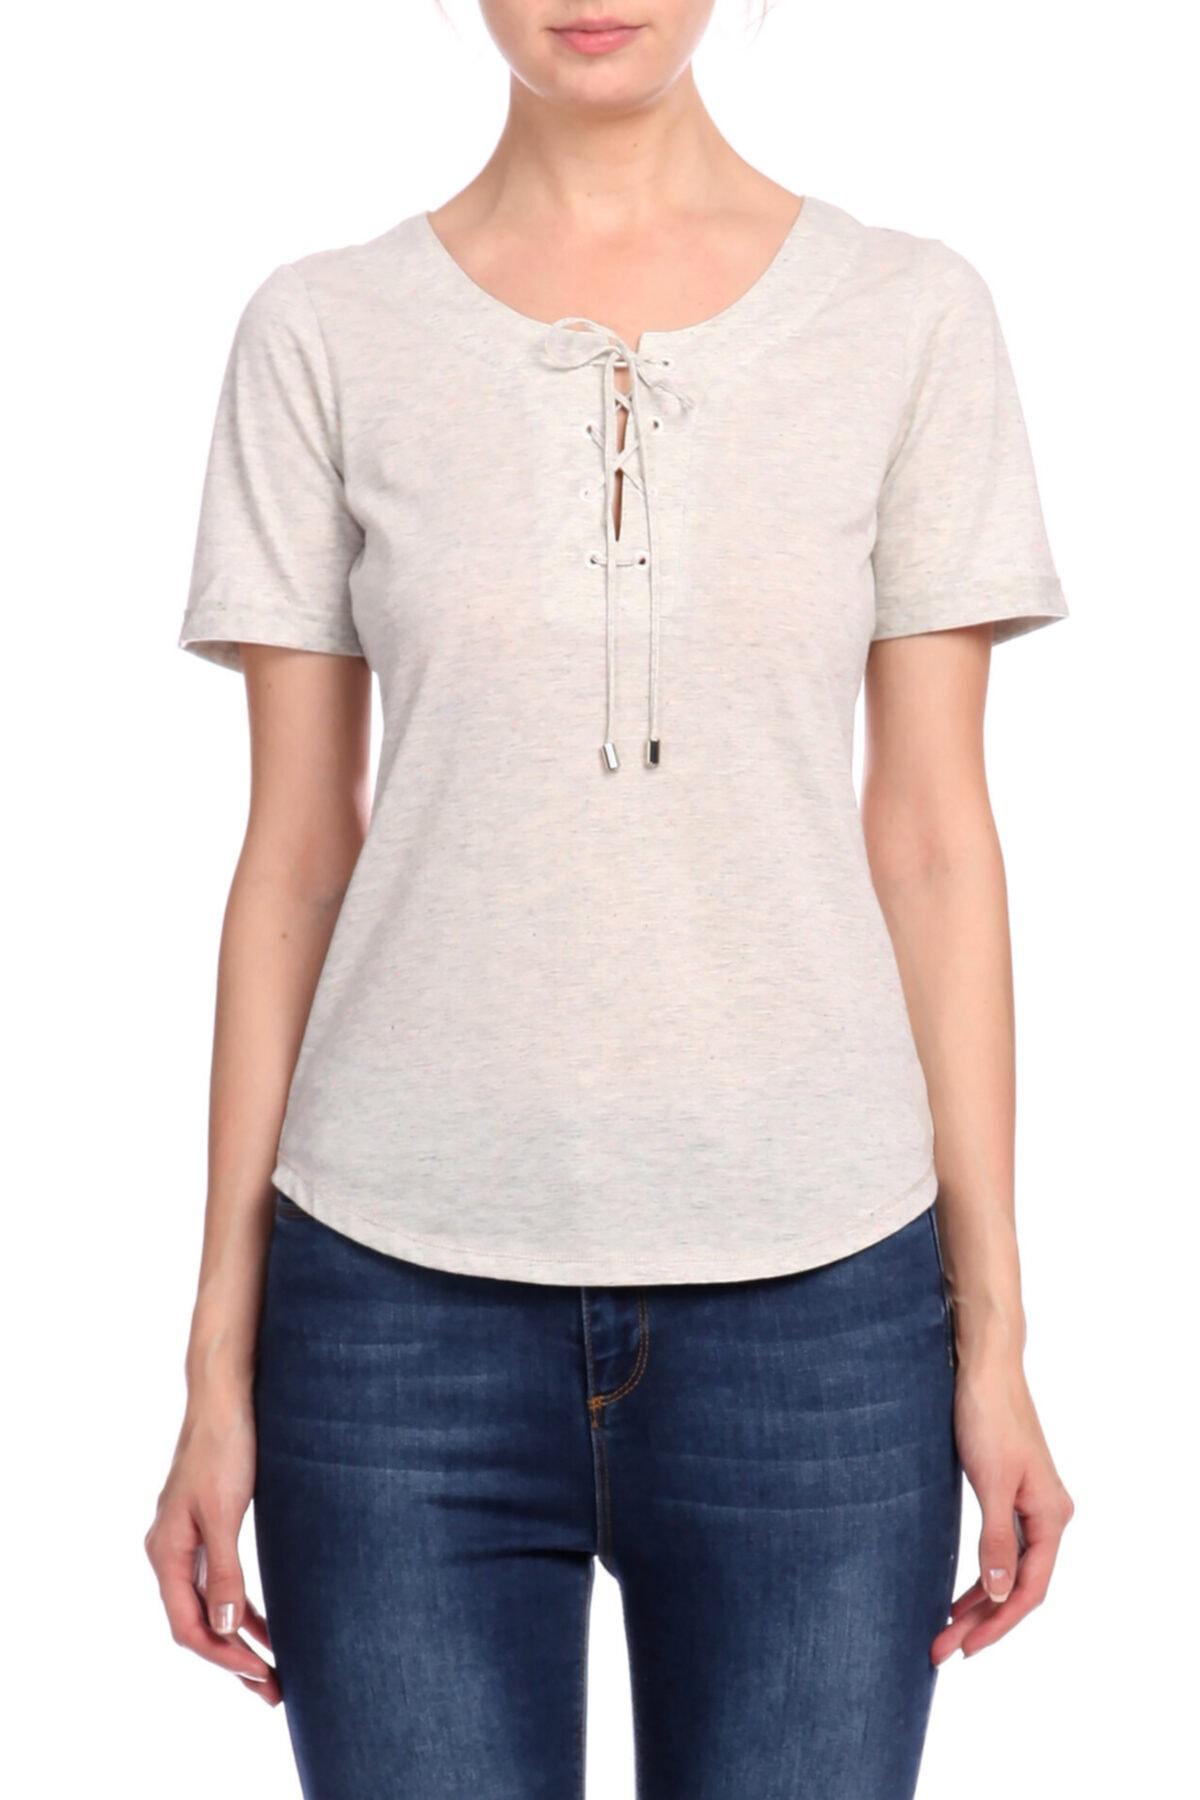 Karen Millen Gri T-shirt 1